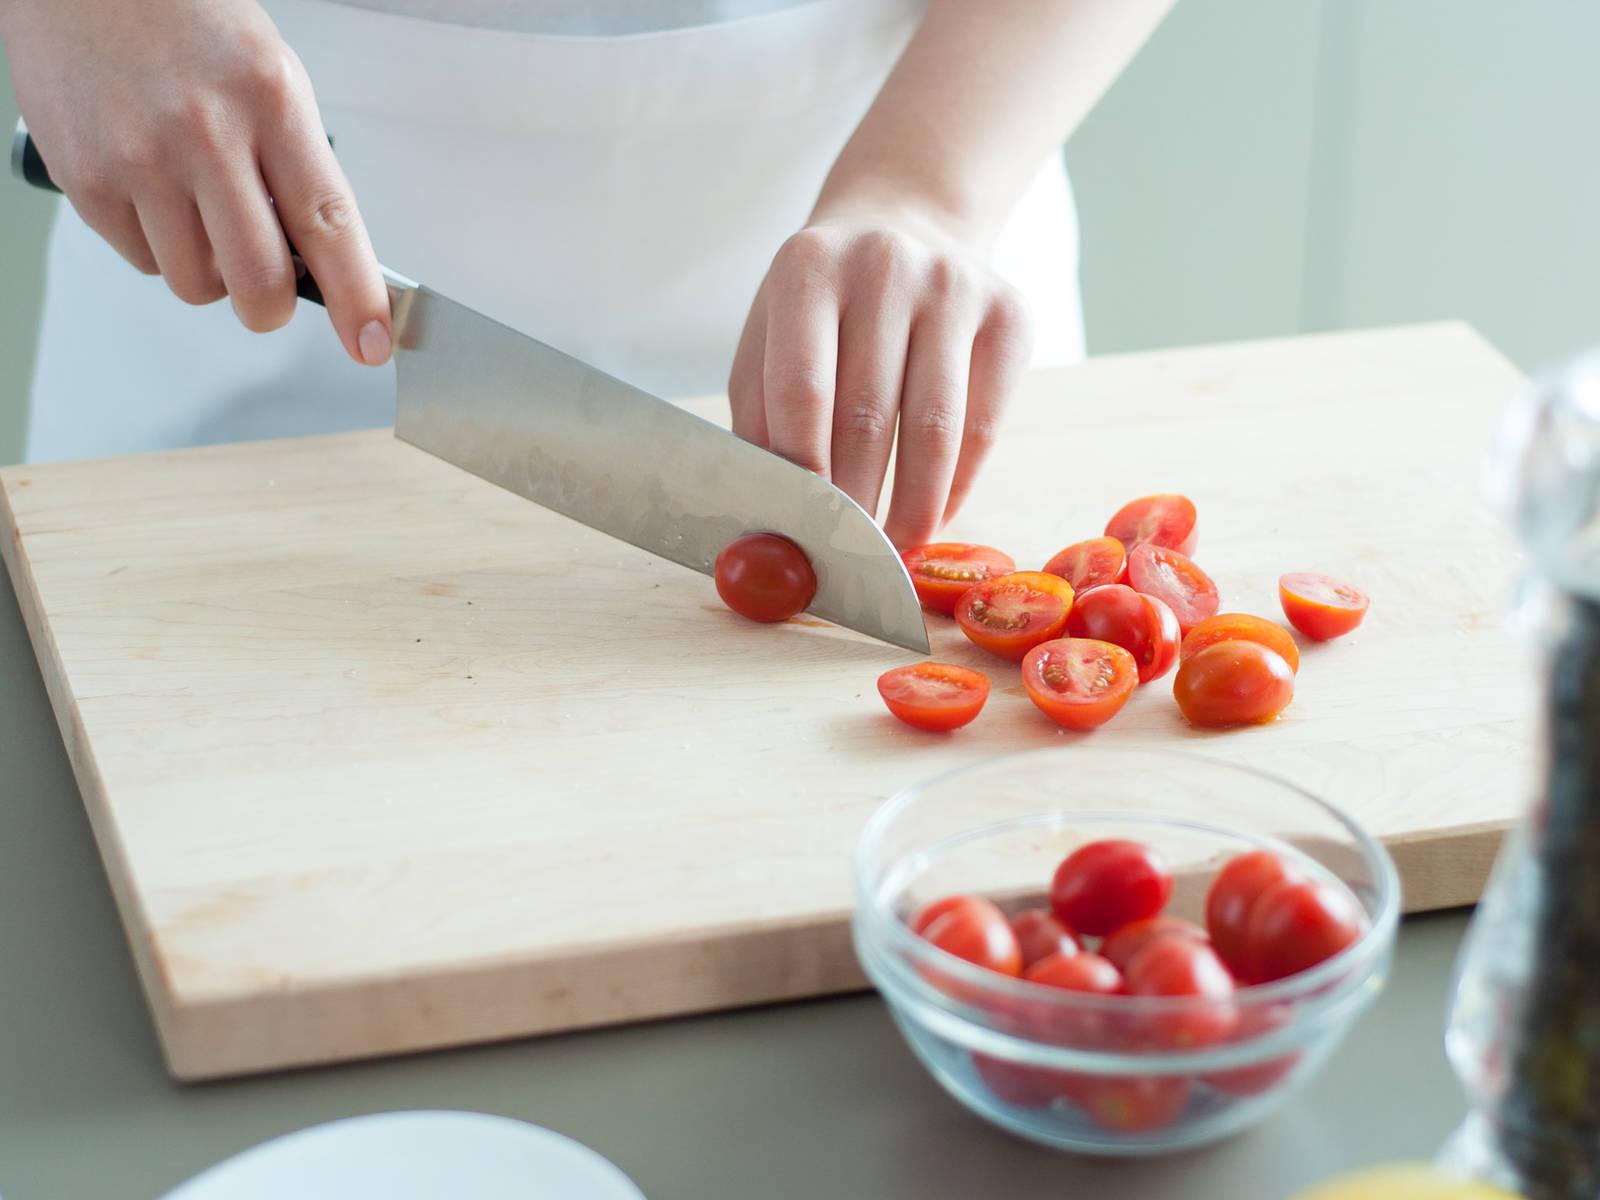 将樱桃番茄切半。